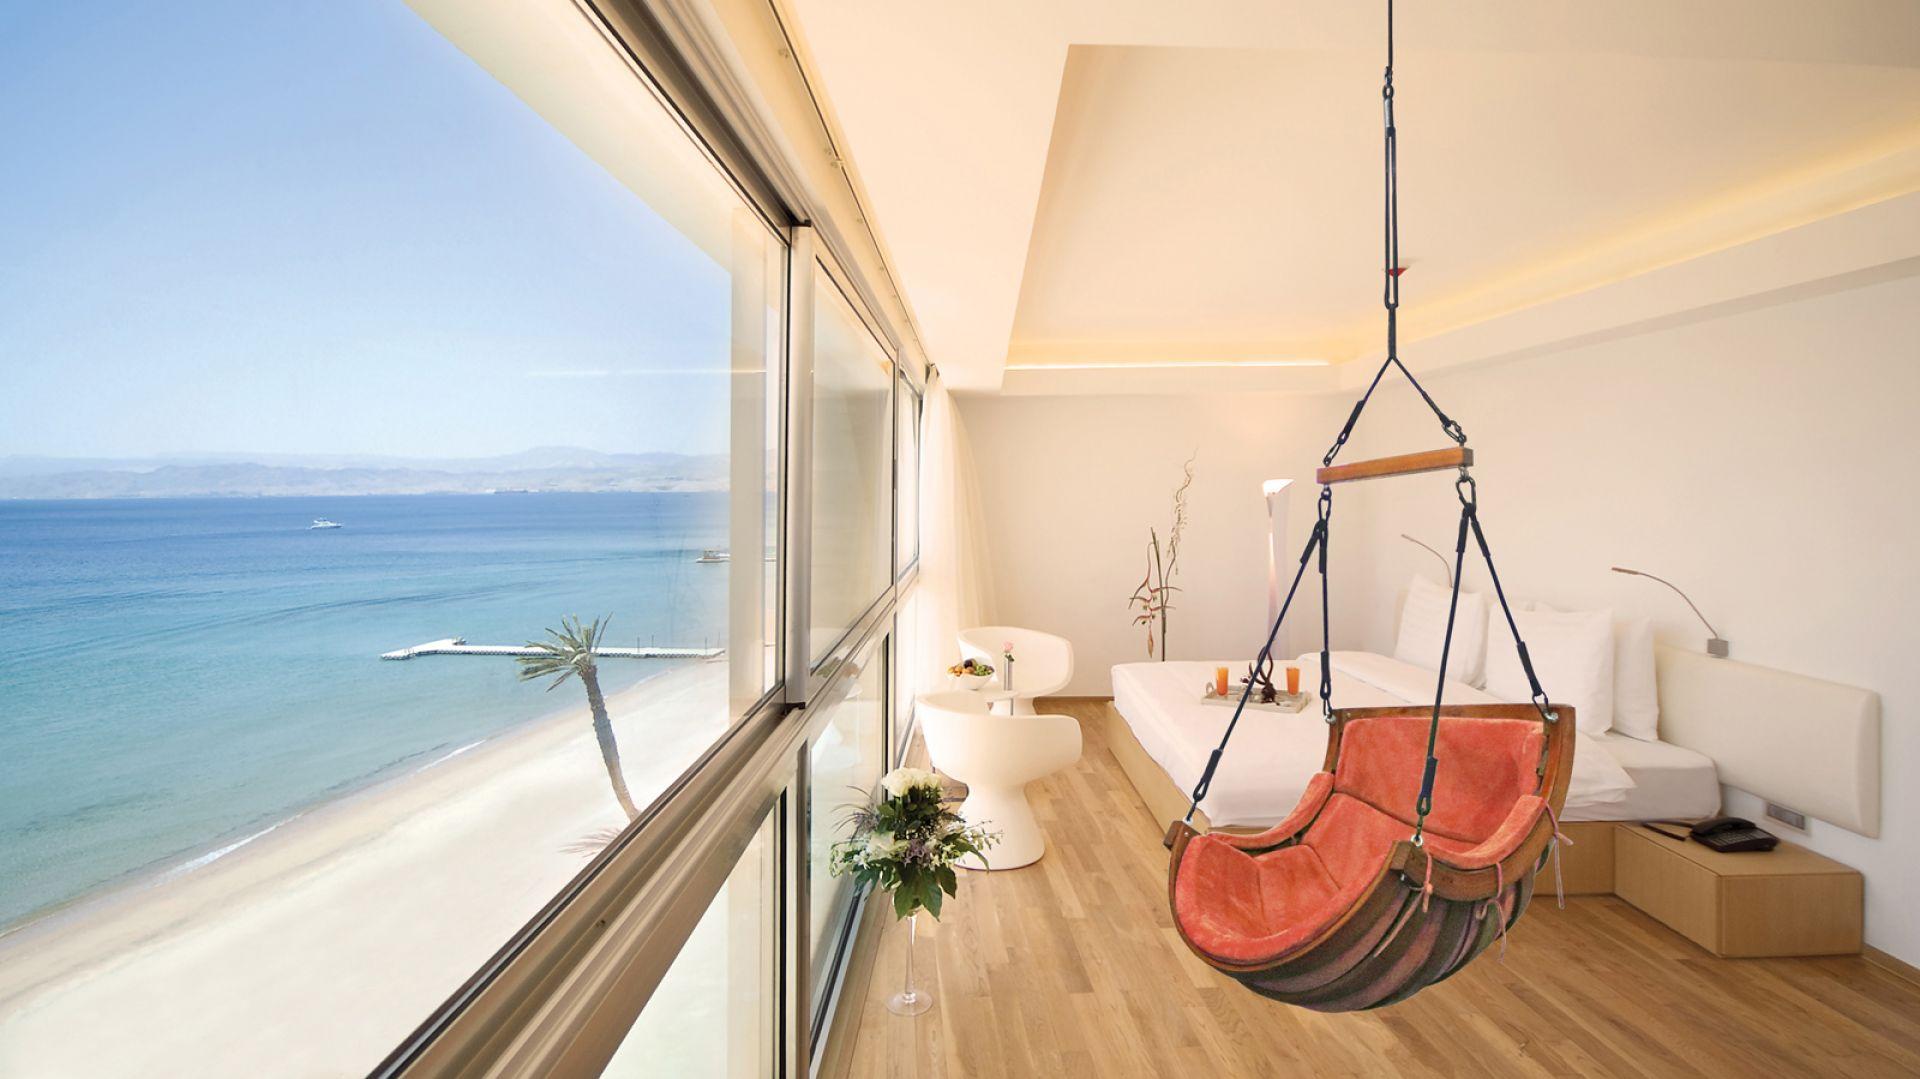 Fotel wiszący Alpha do zamontowania zarówno w mieszkaniu, jak i na werandzie czy tarasie. Fot. 4iQ